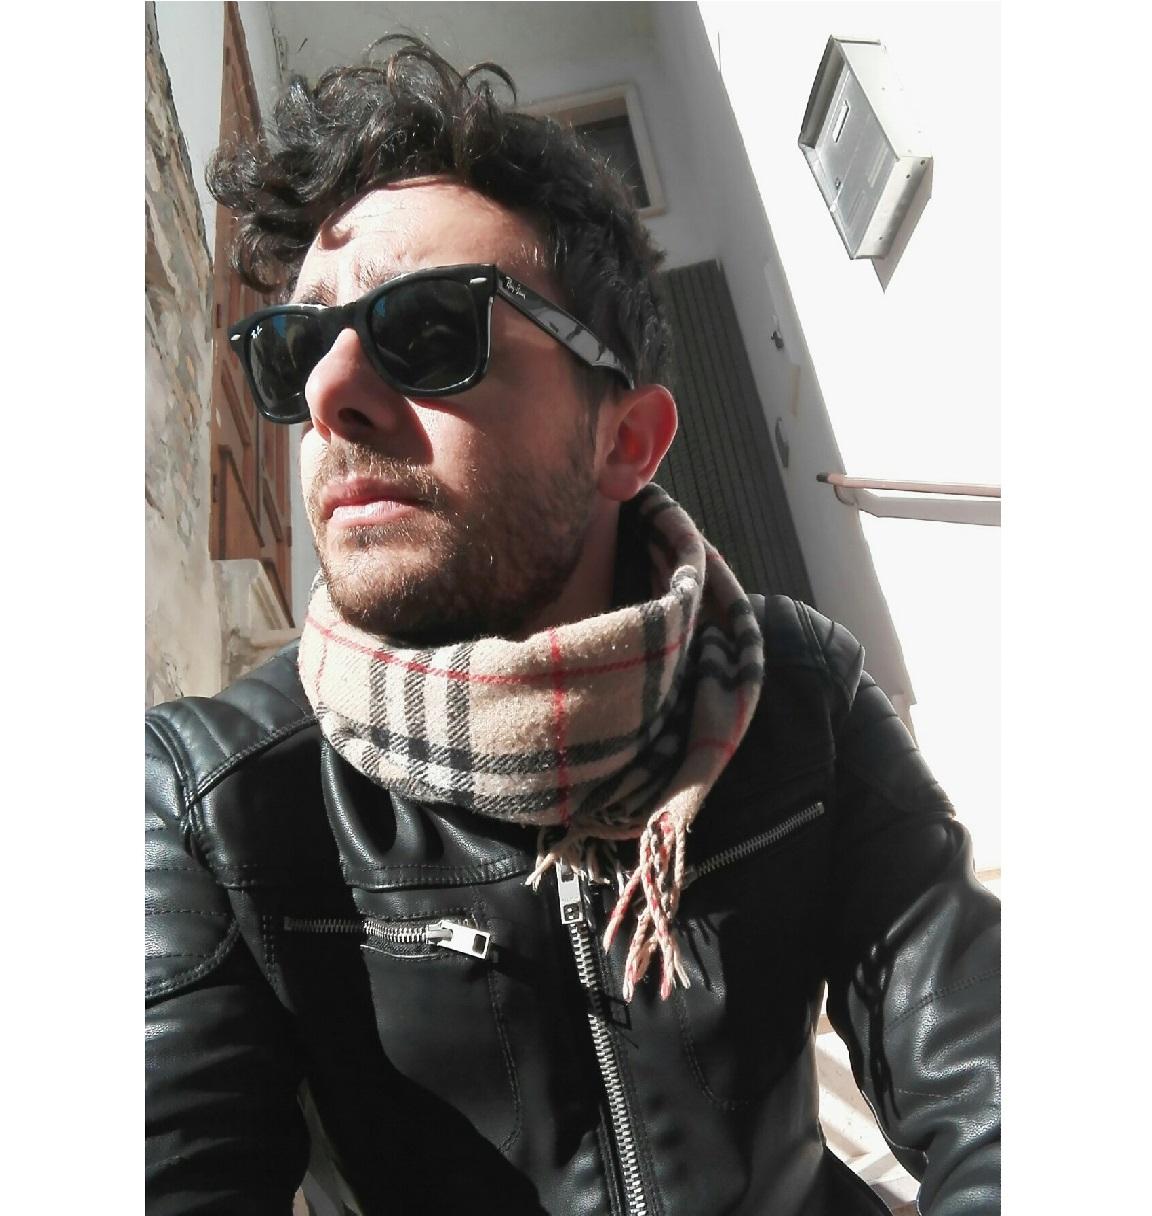 Antonio Bhac